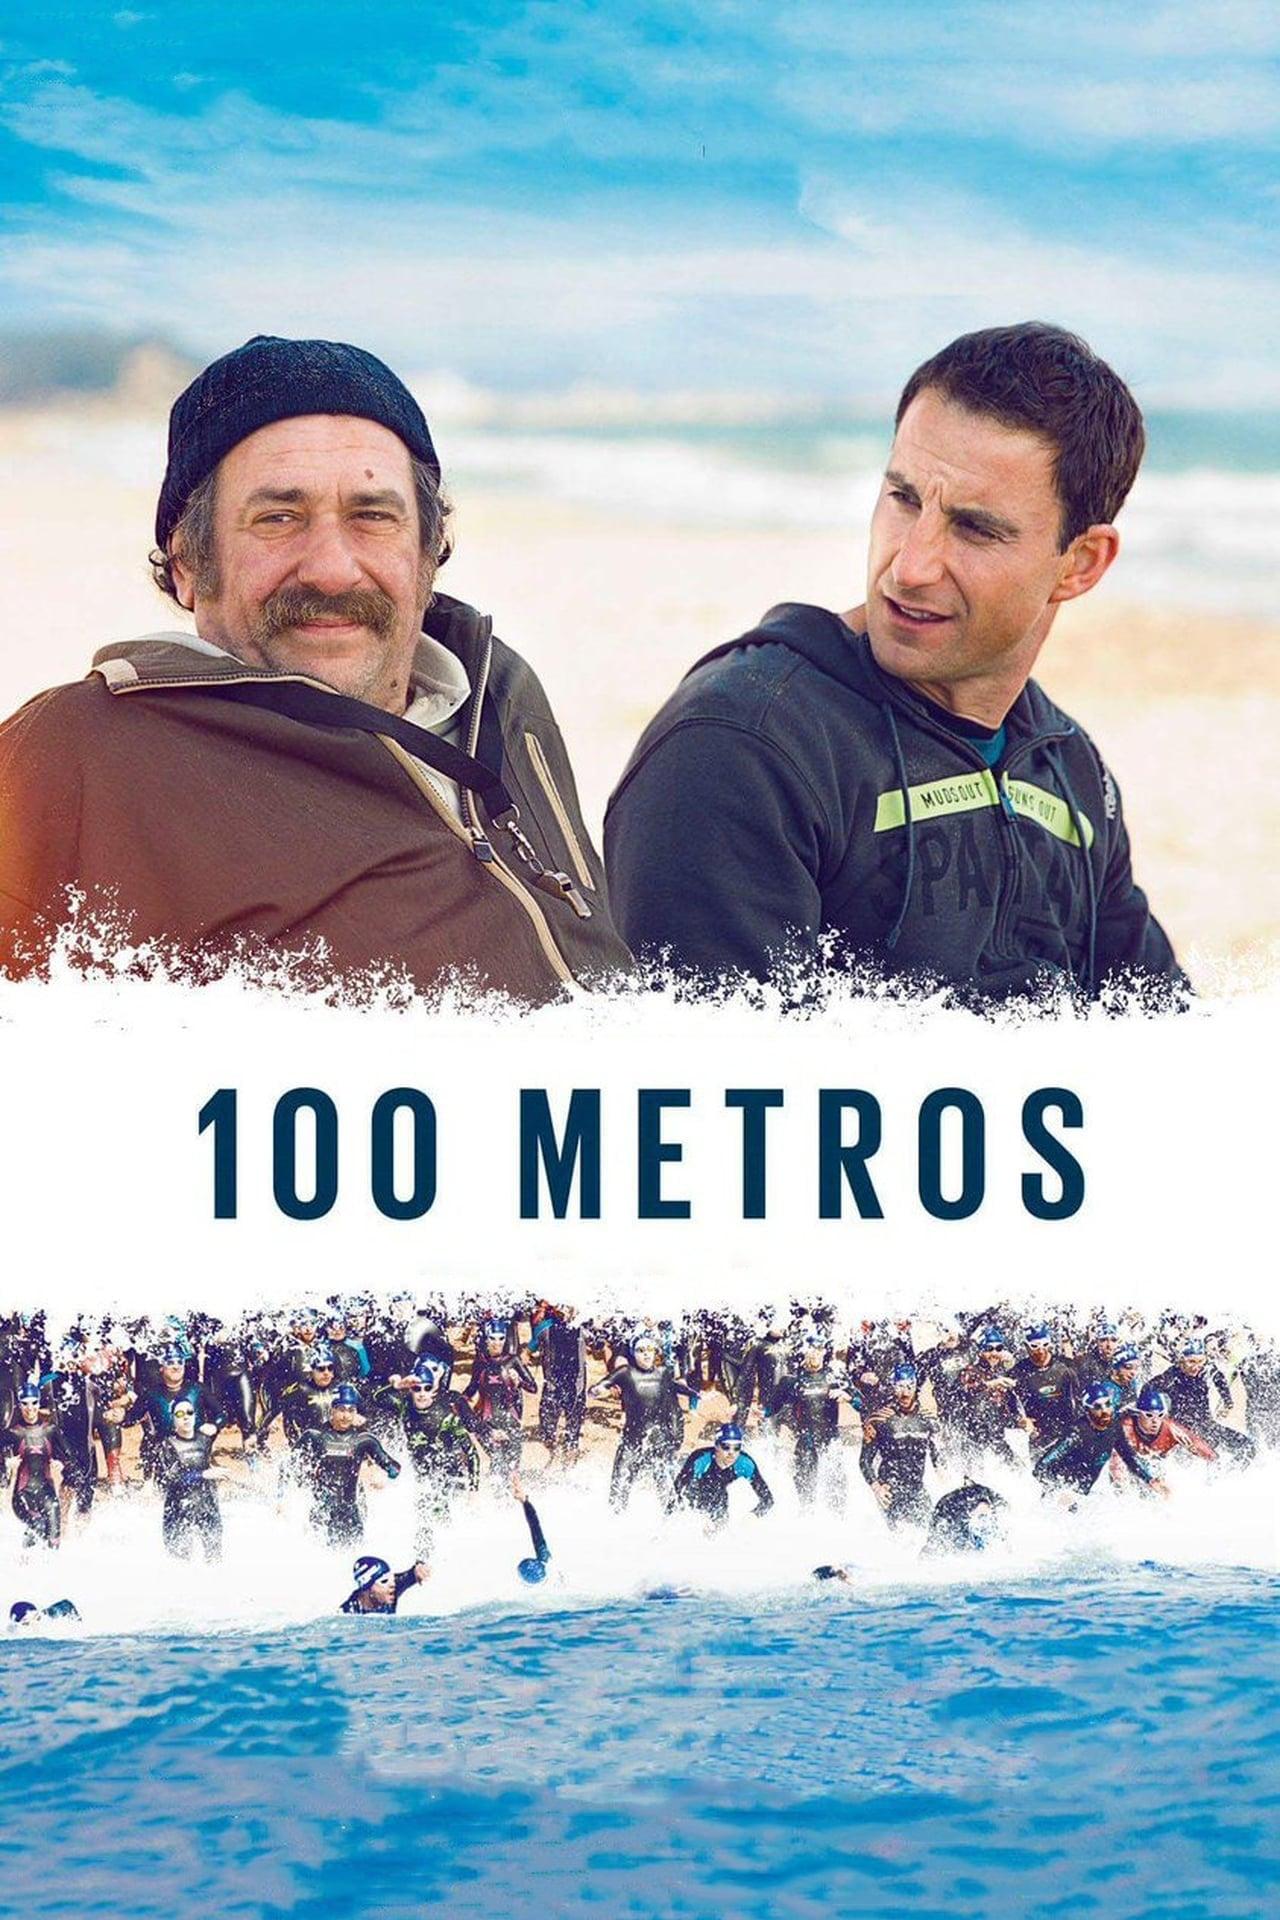 100 Meters Movie Streaming Online Watch on Netflix